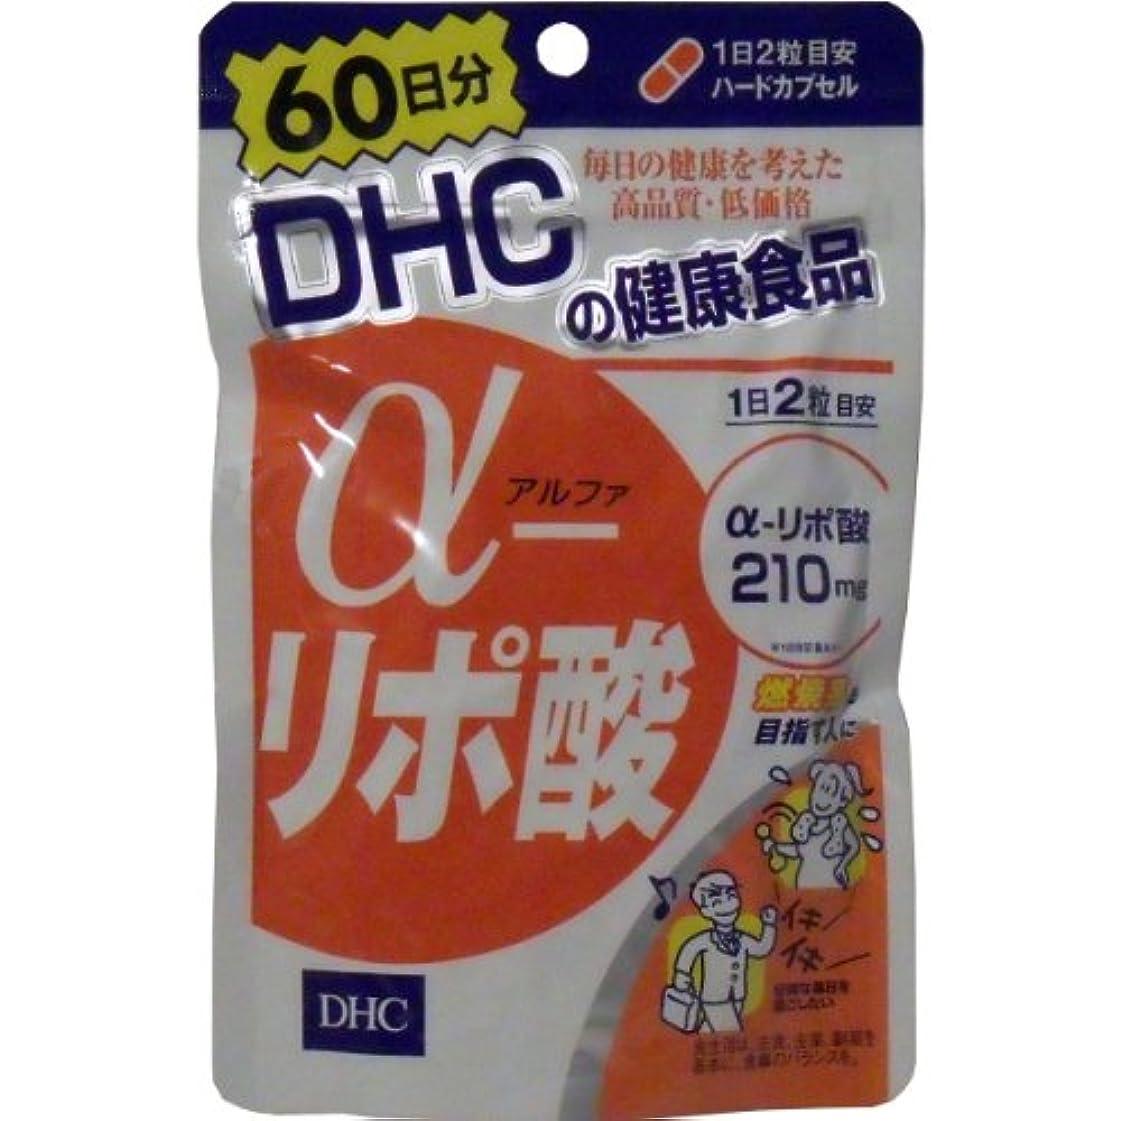 解放切り刻む慢性的DHC α-リポ酸 60日分 120粒